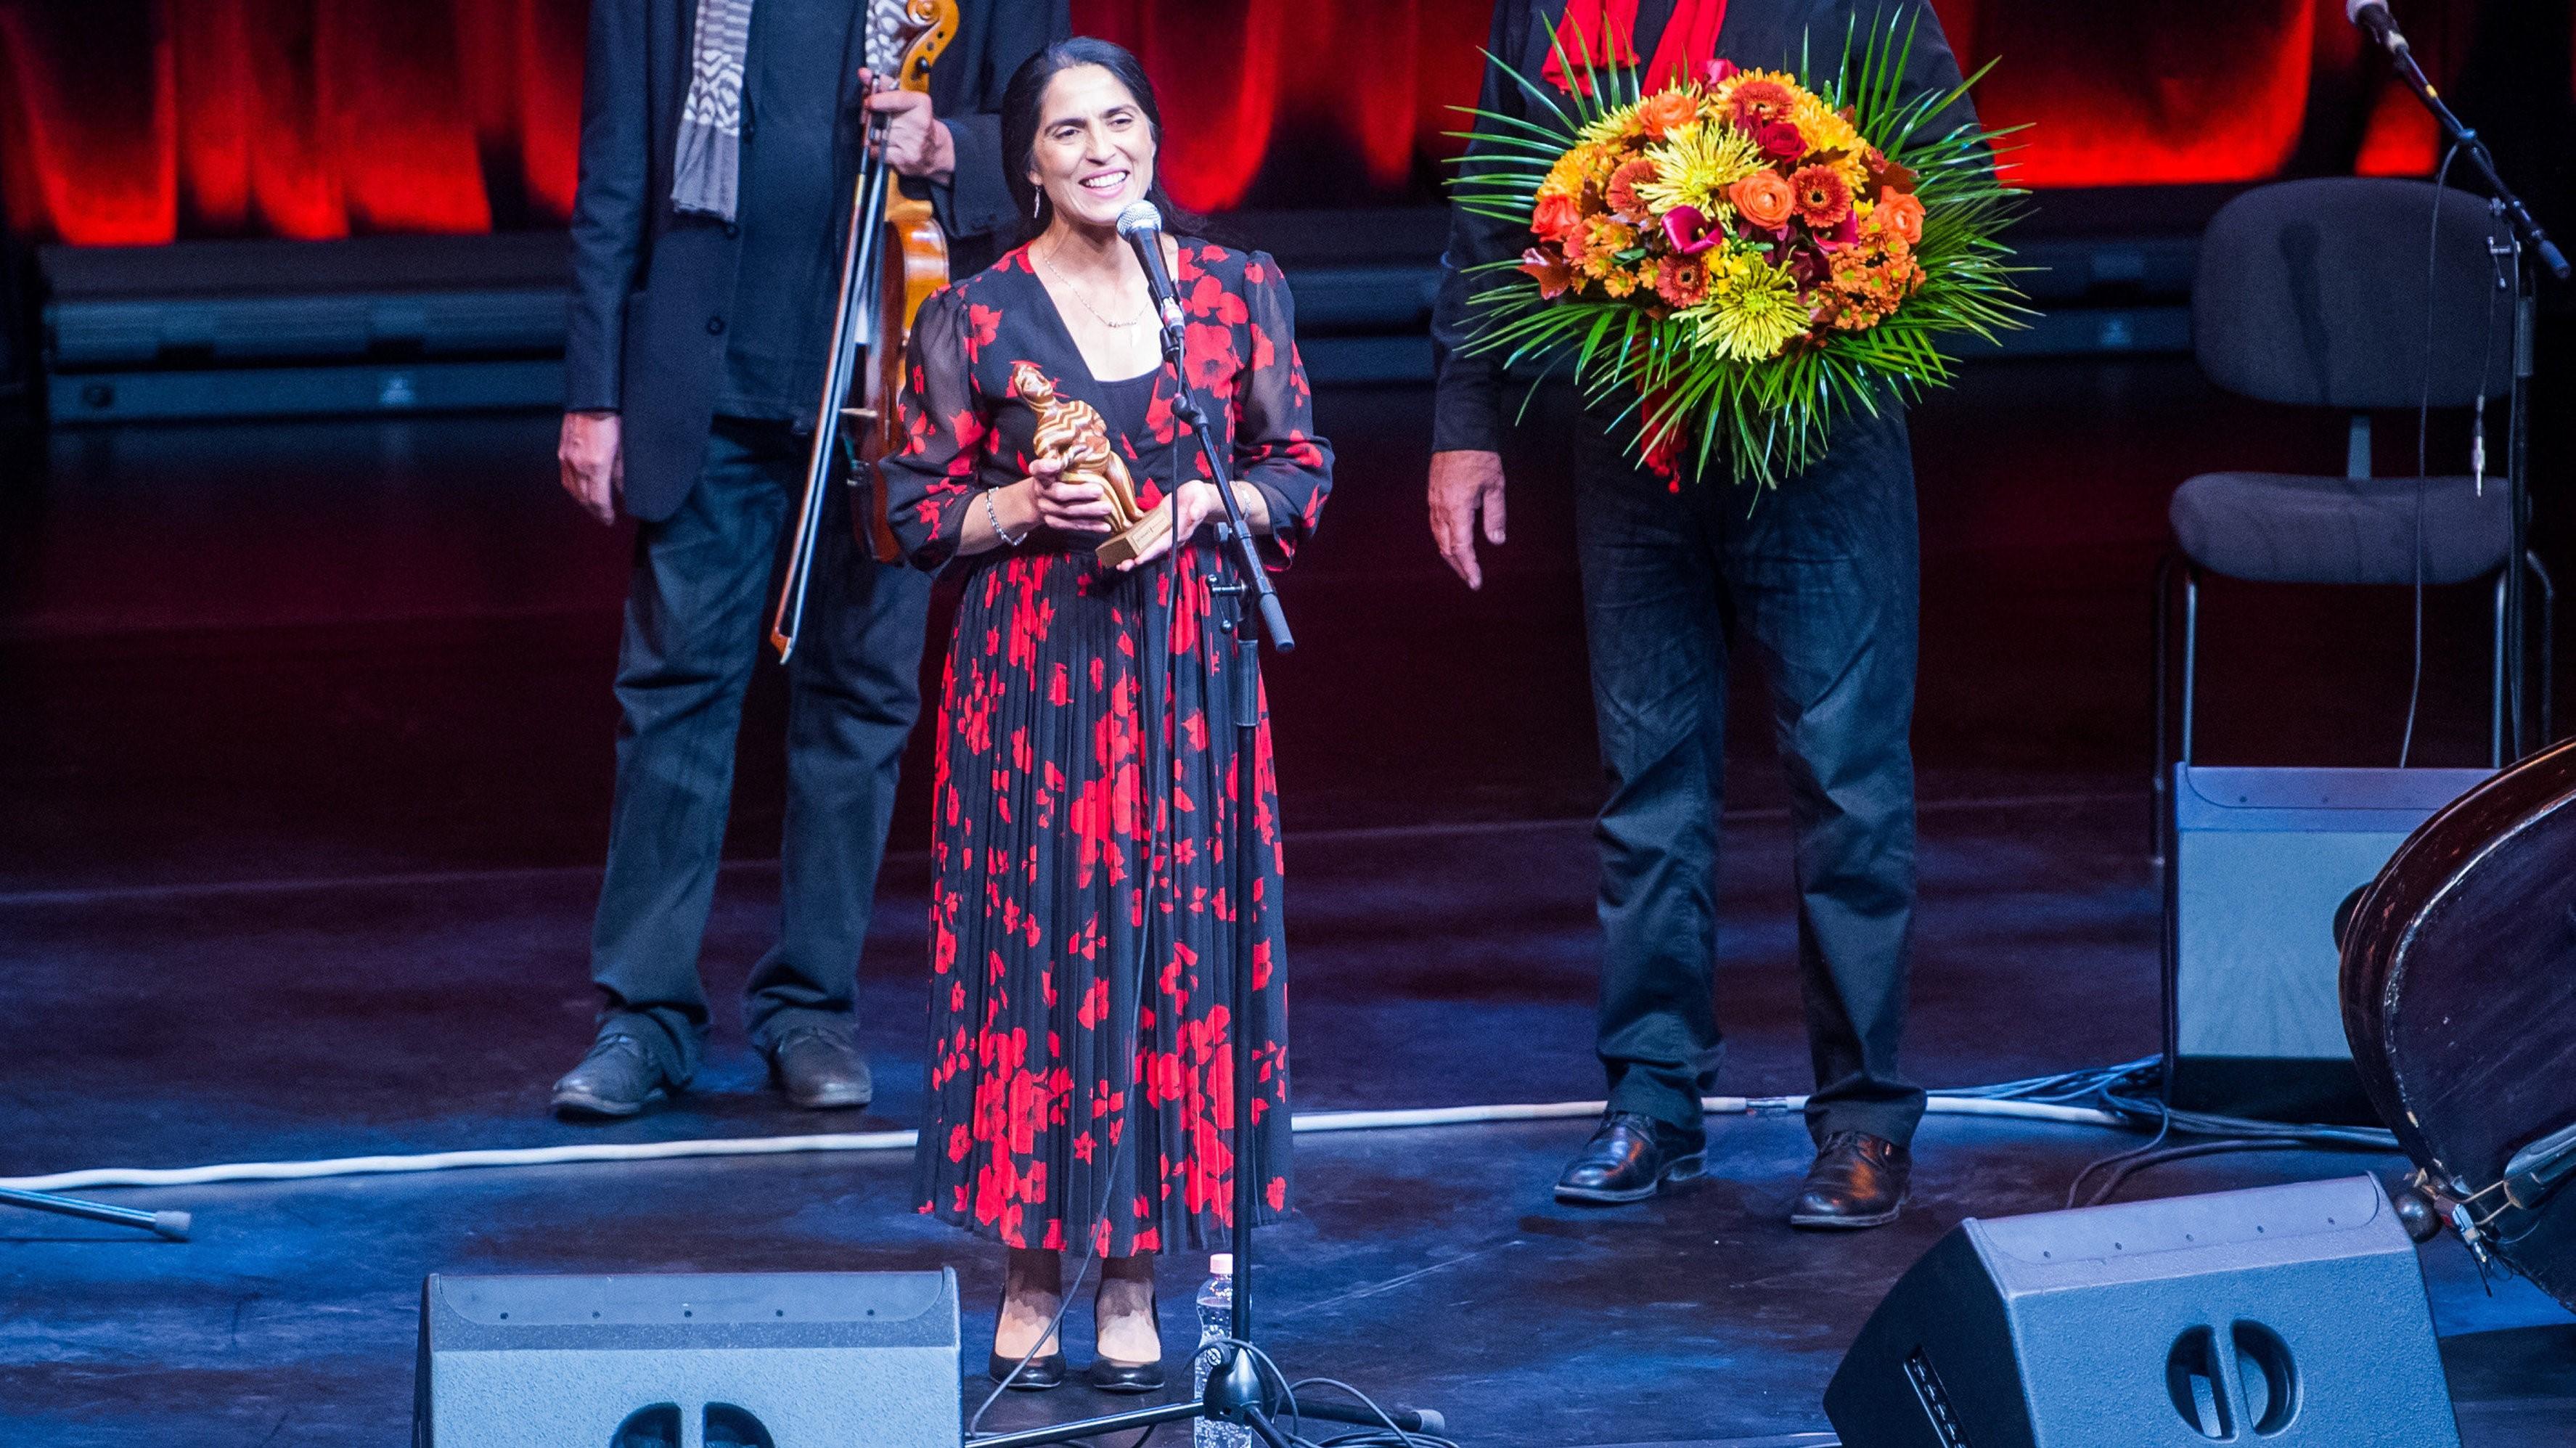 Lakatos Mónika énekesnő beszél, miután átvette az életműdíját, a Womex Artist Awardot, a Womex díjátadóján és gálaestjén Budapesten, a Müpa Bartók Béla Nemzeti Hangversenytermében 2020. október 24-én. (Fotó: MTI/Balogh Zoltán)